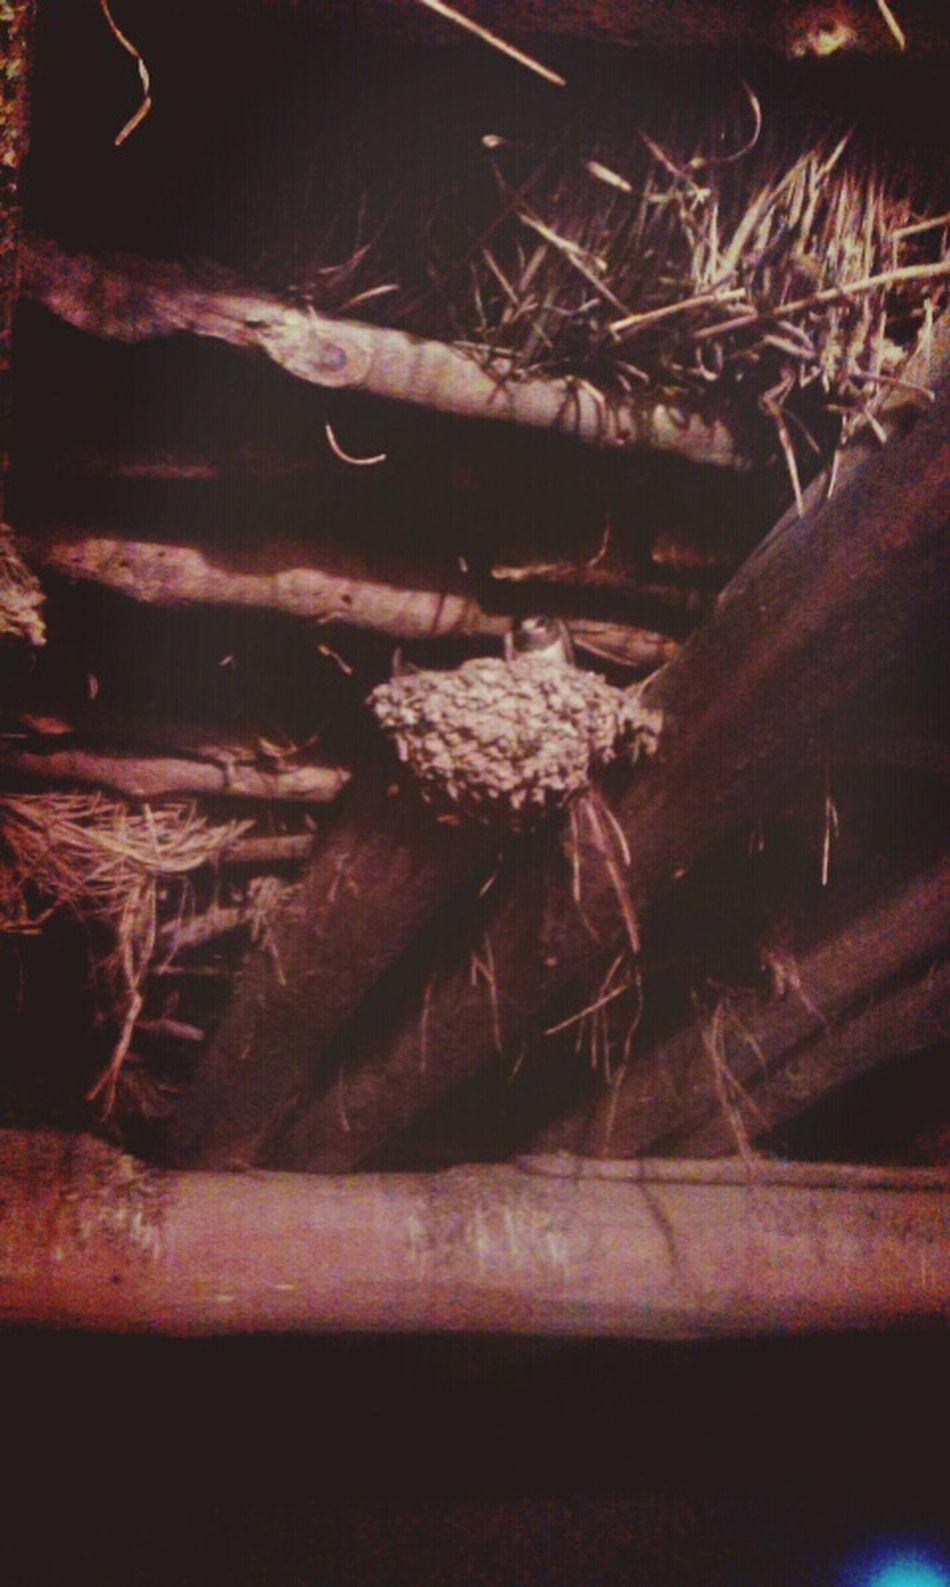 Ahırın tavanında bulduğum kırlangıç yuvası 'Naber küçük dostum 'cik'cik'cikk...👻👽👅 Minikkırlangıç Birds Animal Love Köydenmanzaralar Life Jiyan Street Photography Relaxing Photography Mobile Photography